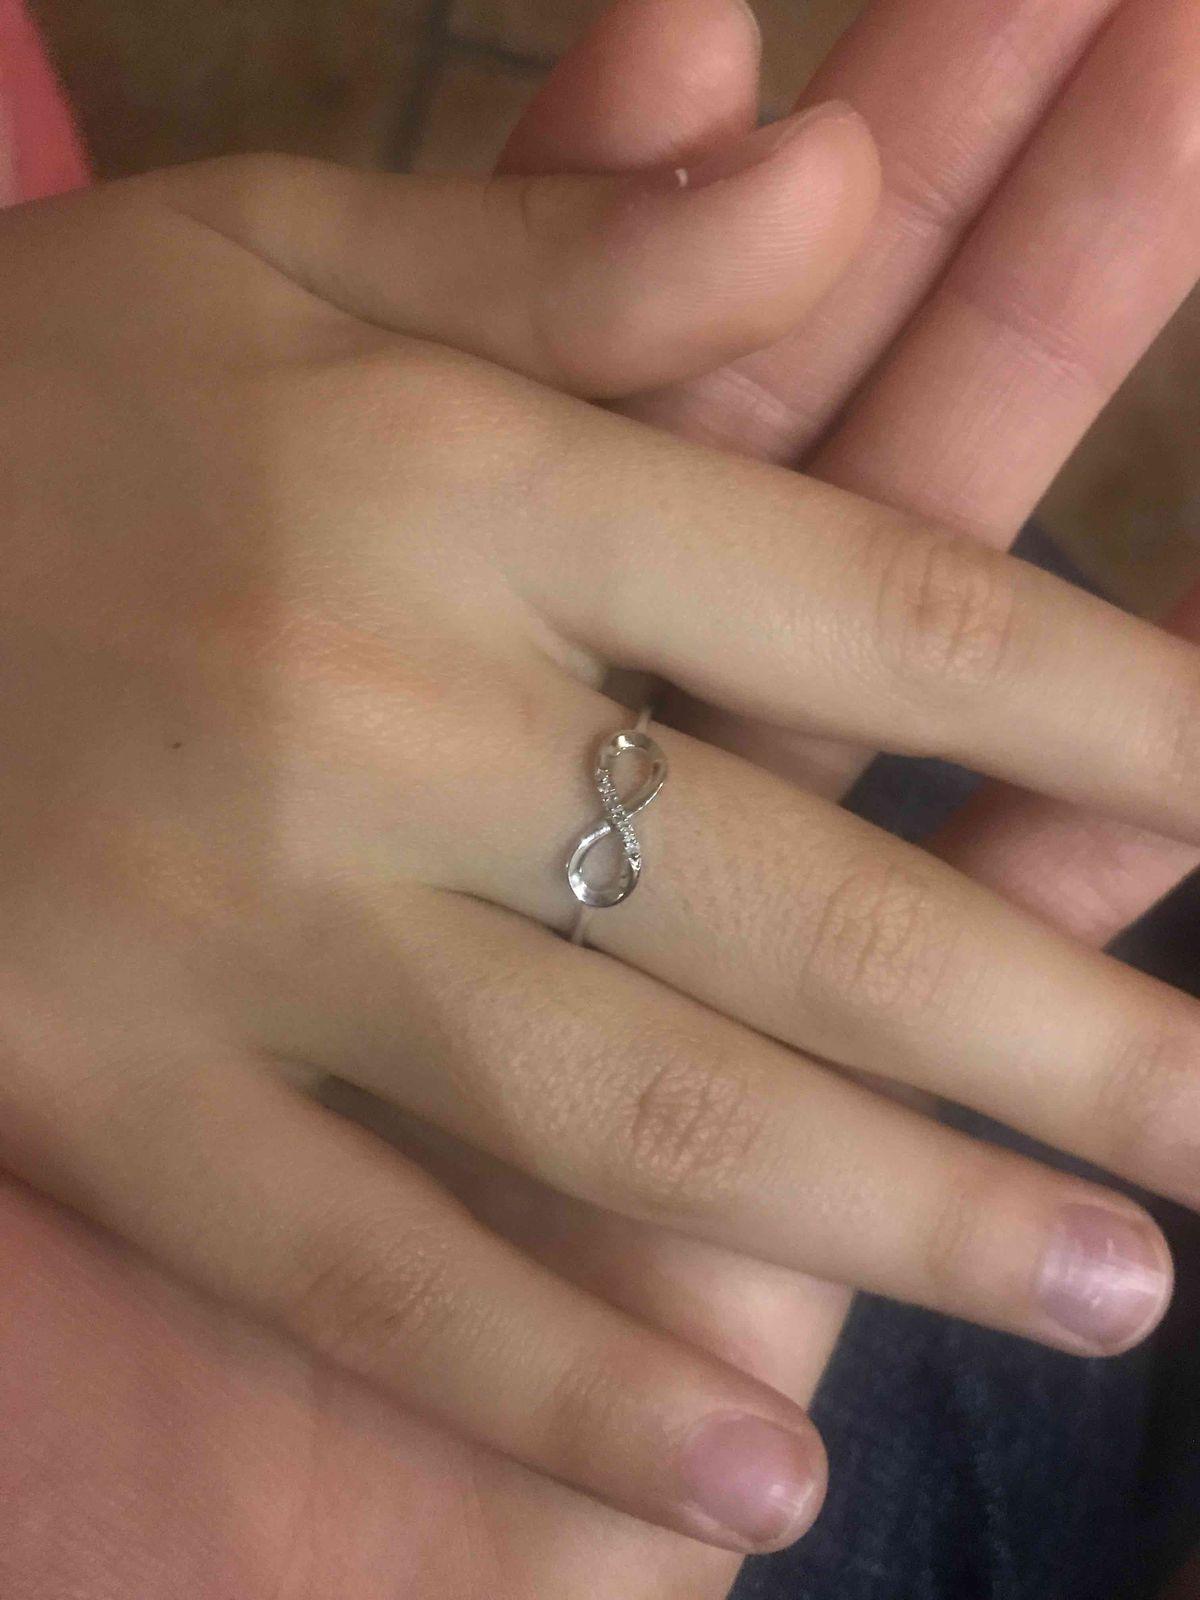 Нежное кольцо, для нежных пальчиков